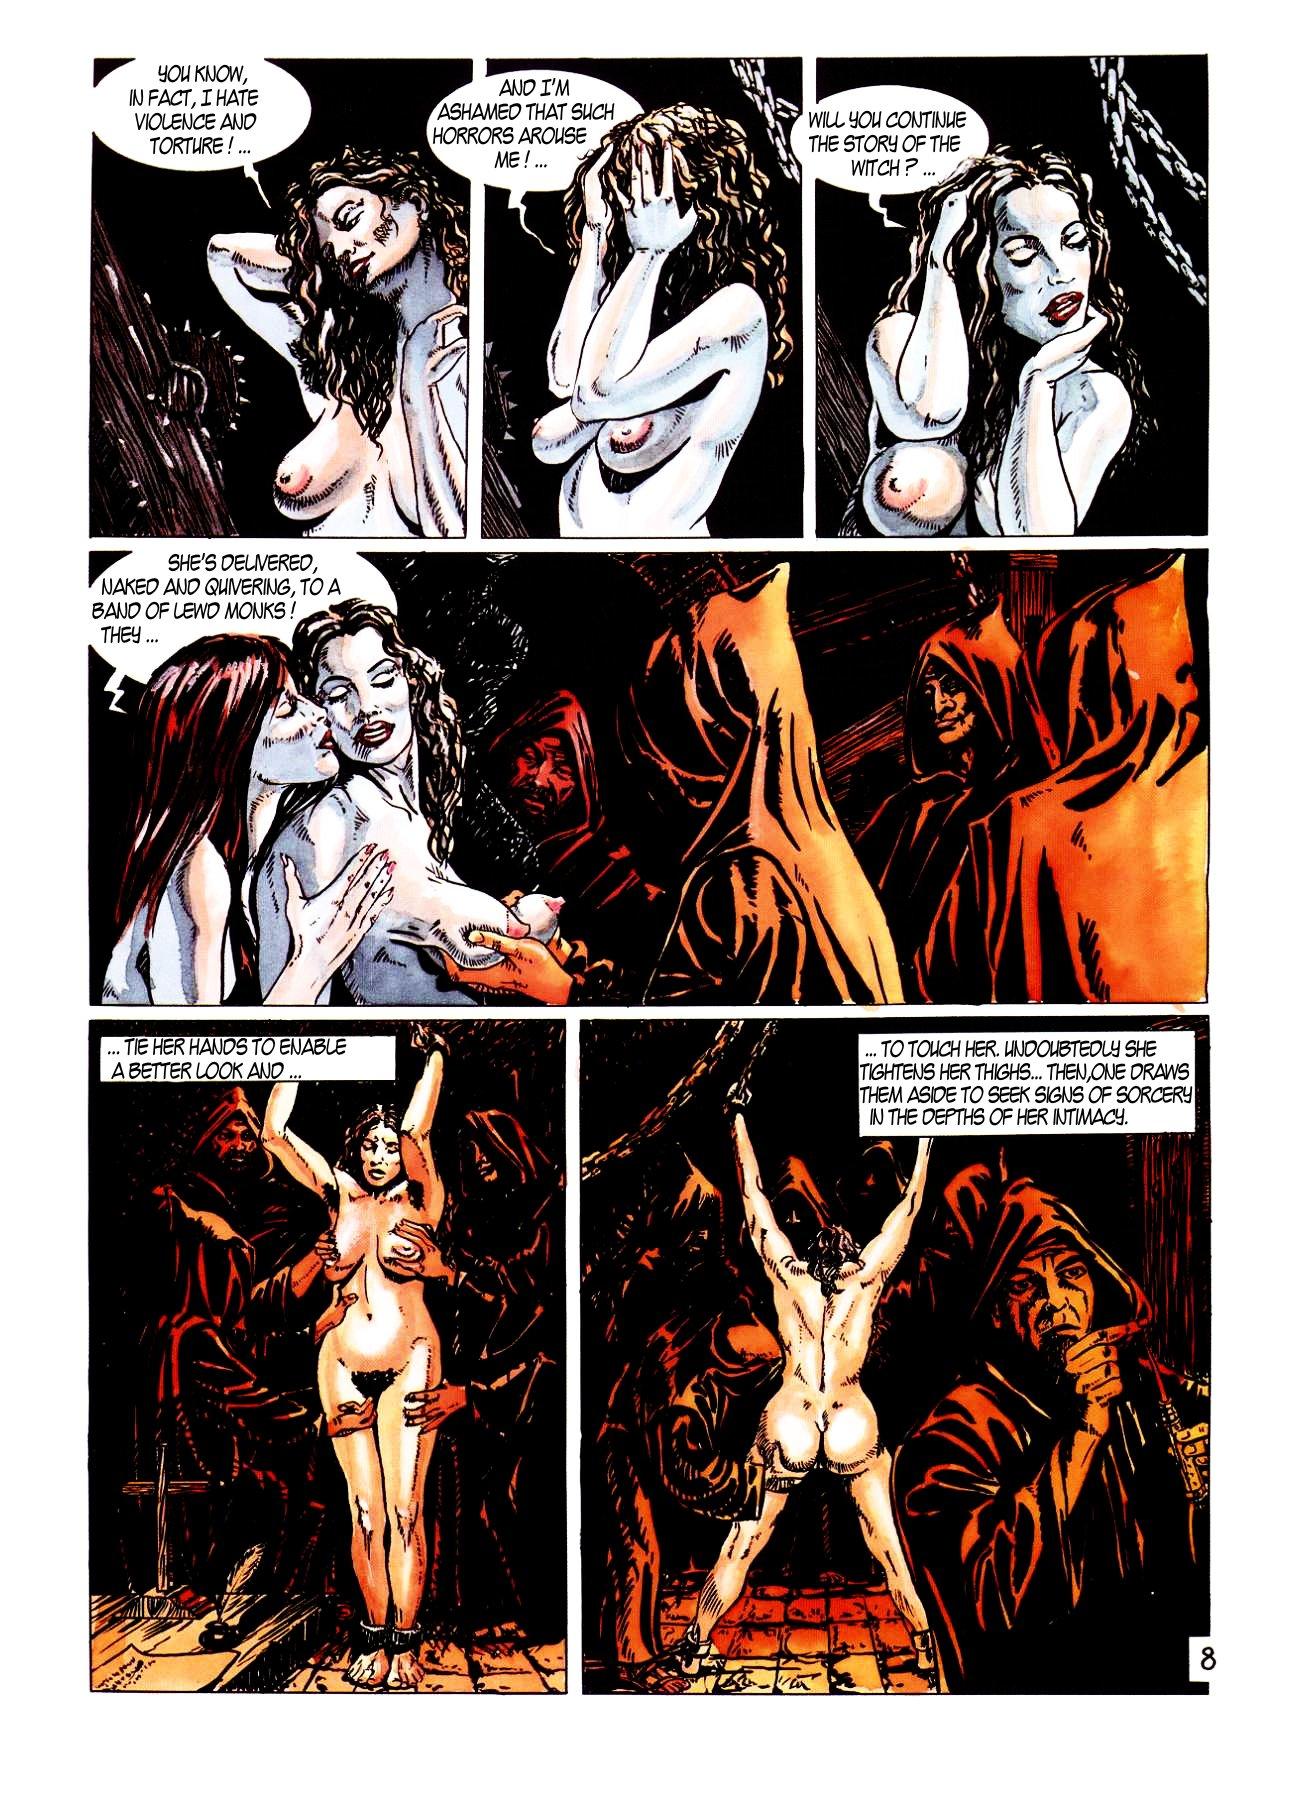 Medieval torture of men porn naked picture